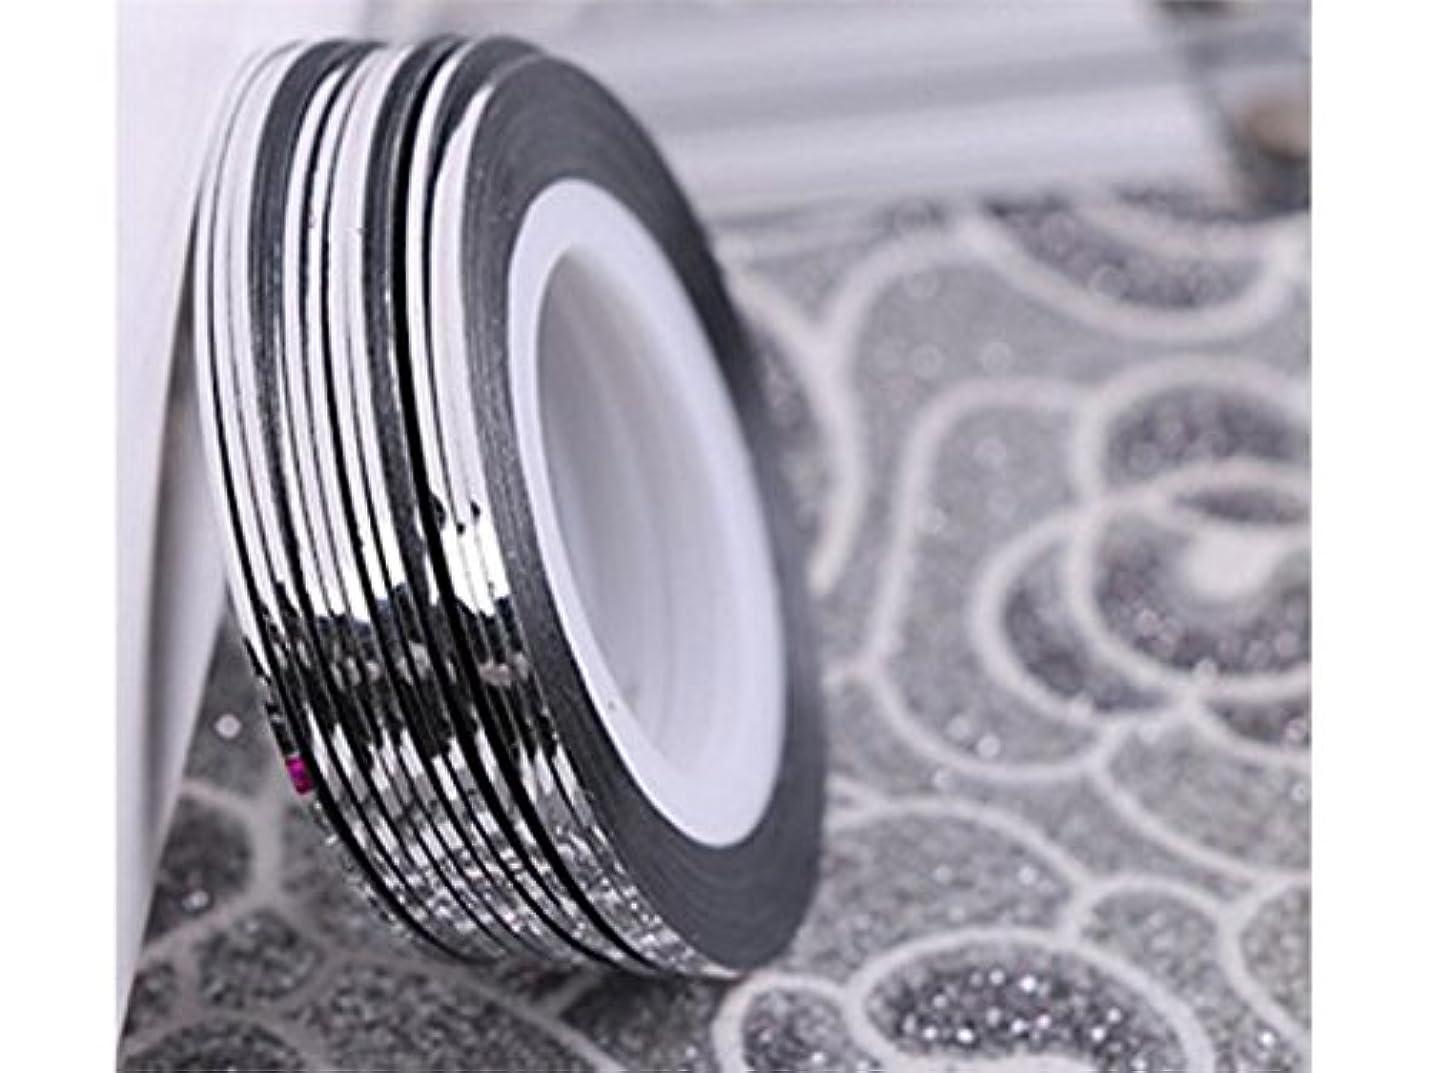 保育園吸い込む比較的Osize ネイルアートキラキラゴールドシルバーストリップラインリボンストライプ装飾ツールネイルステッカーストライピングテープラインネイルアートデコレーション(シルバー)